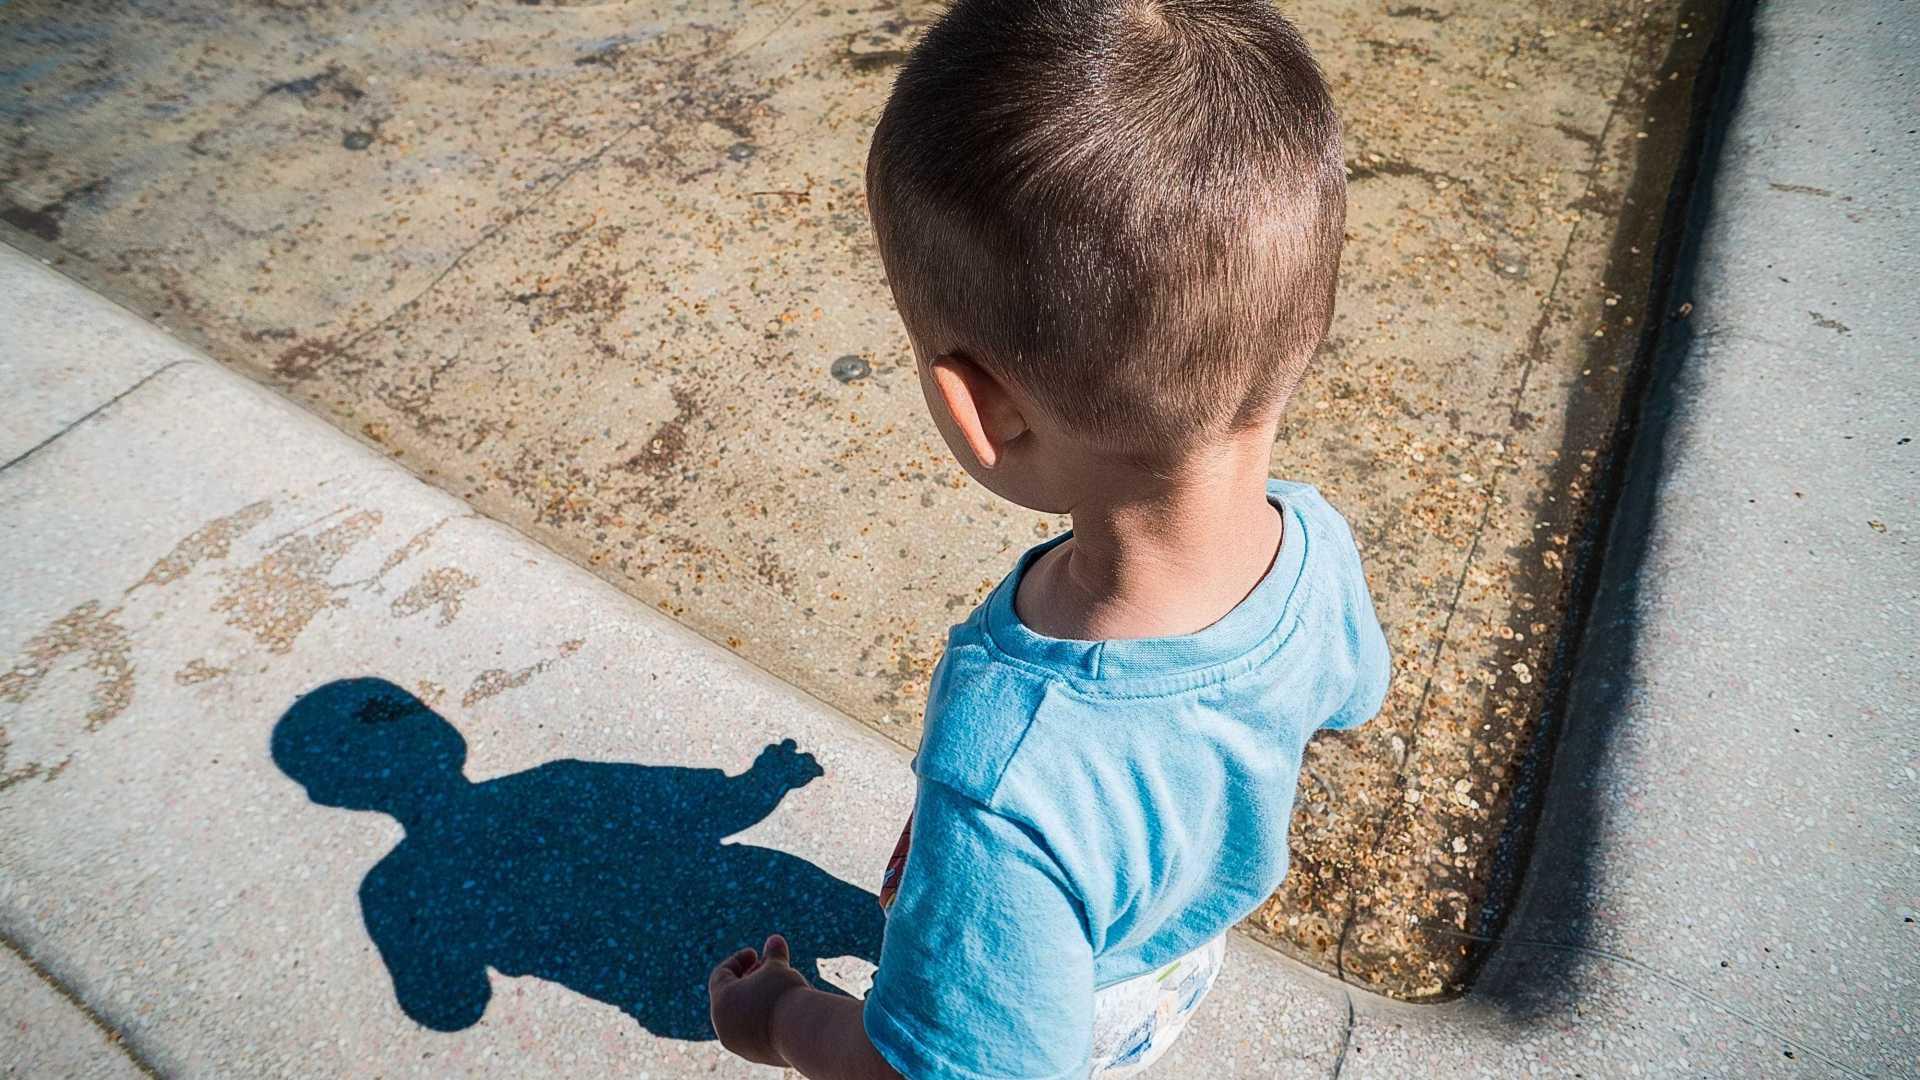 naom 5a69d5ea37ed7 - Pai é suspeito de estuprar filho de 3 anos